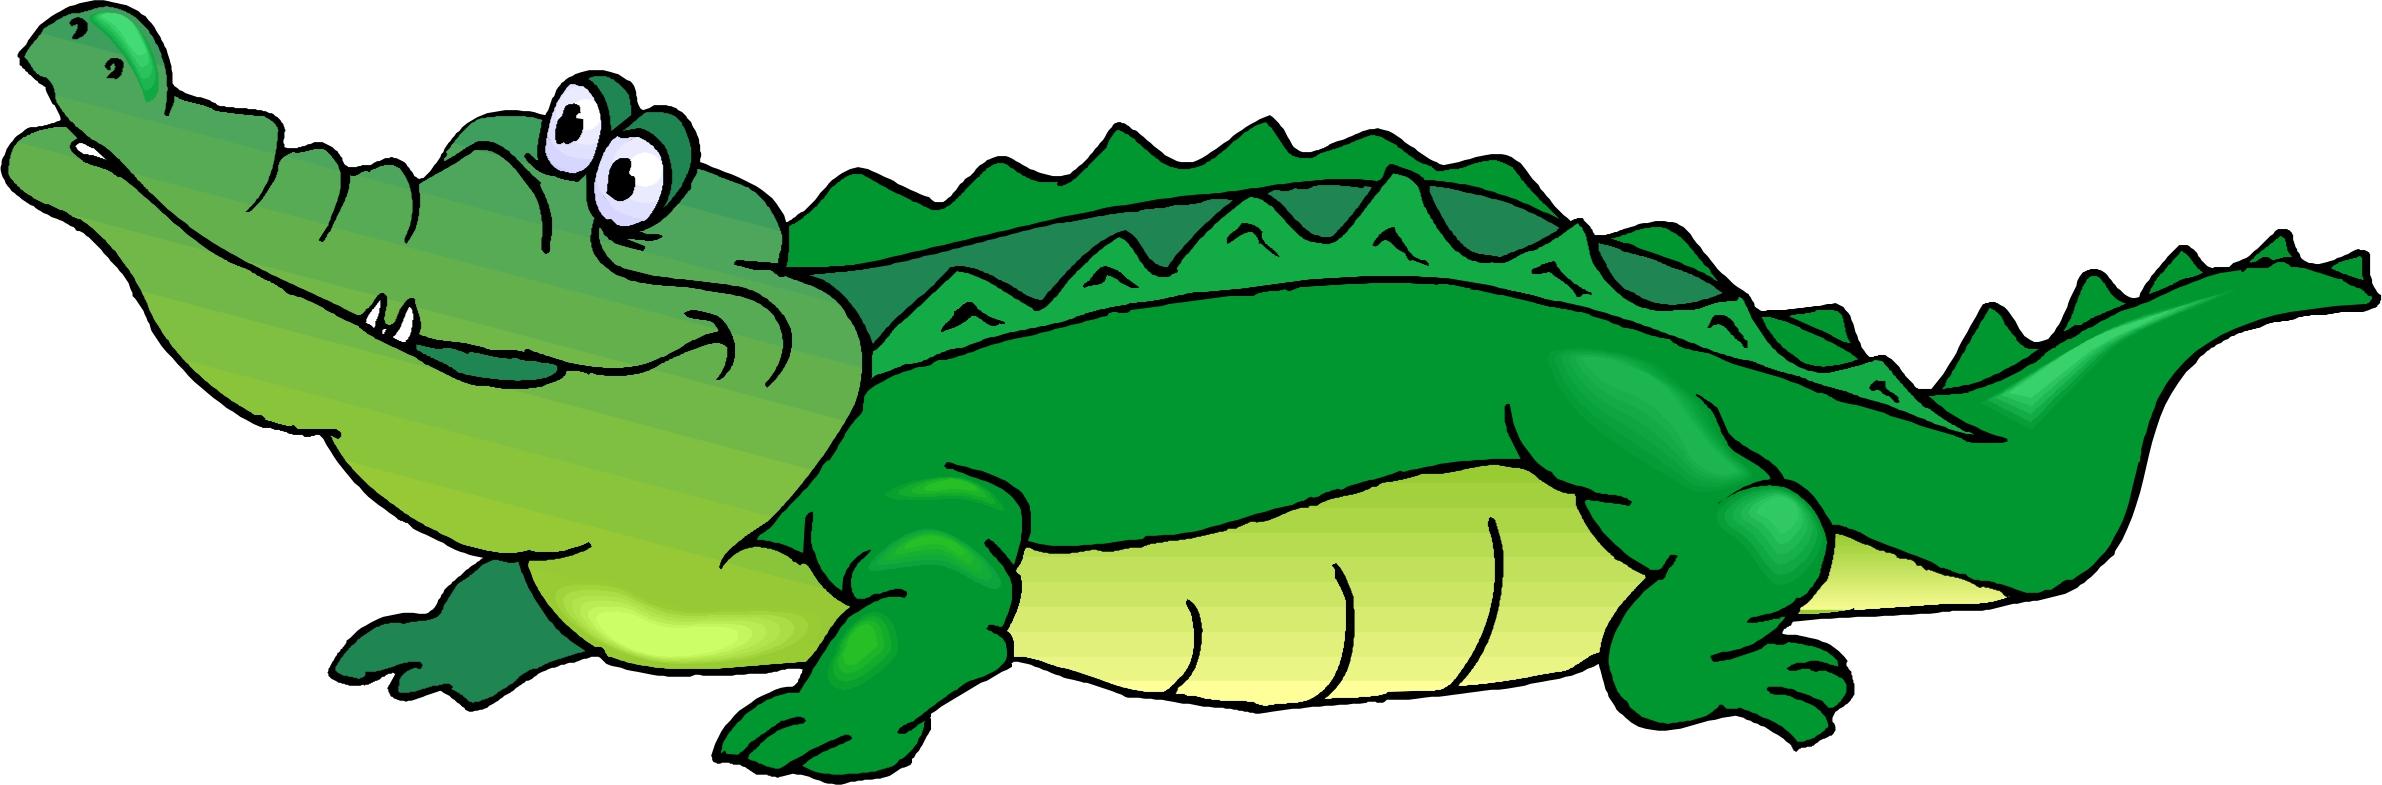 Cartoon . Crocodile clipart